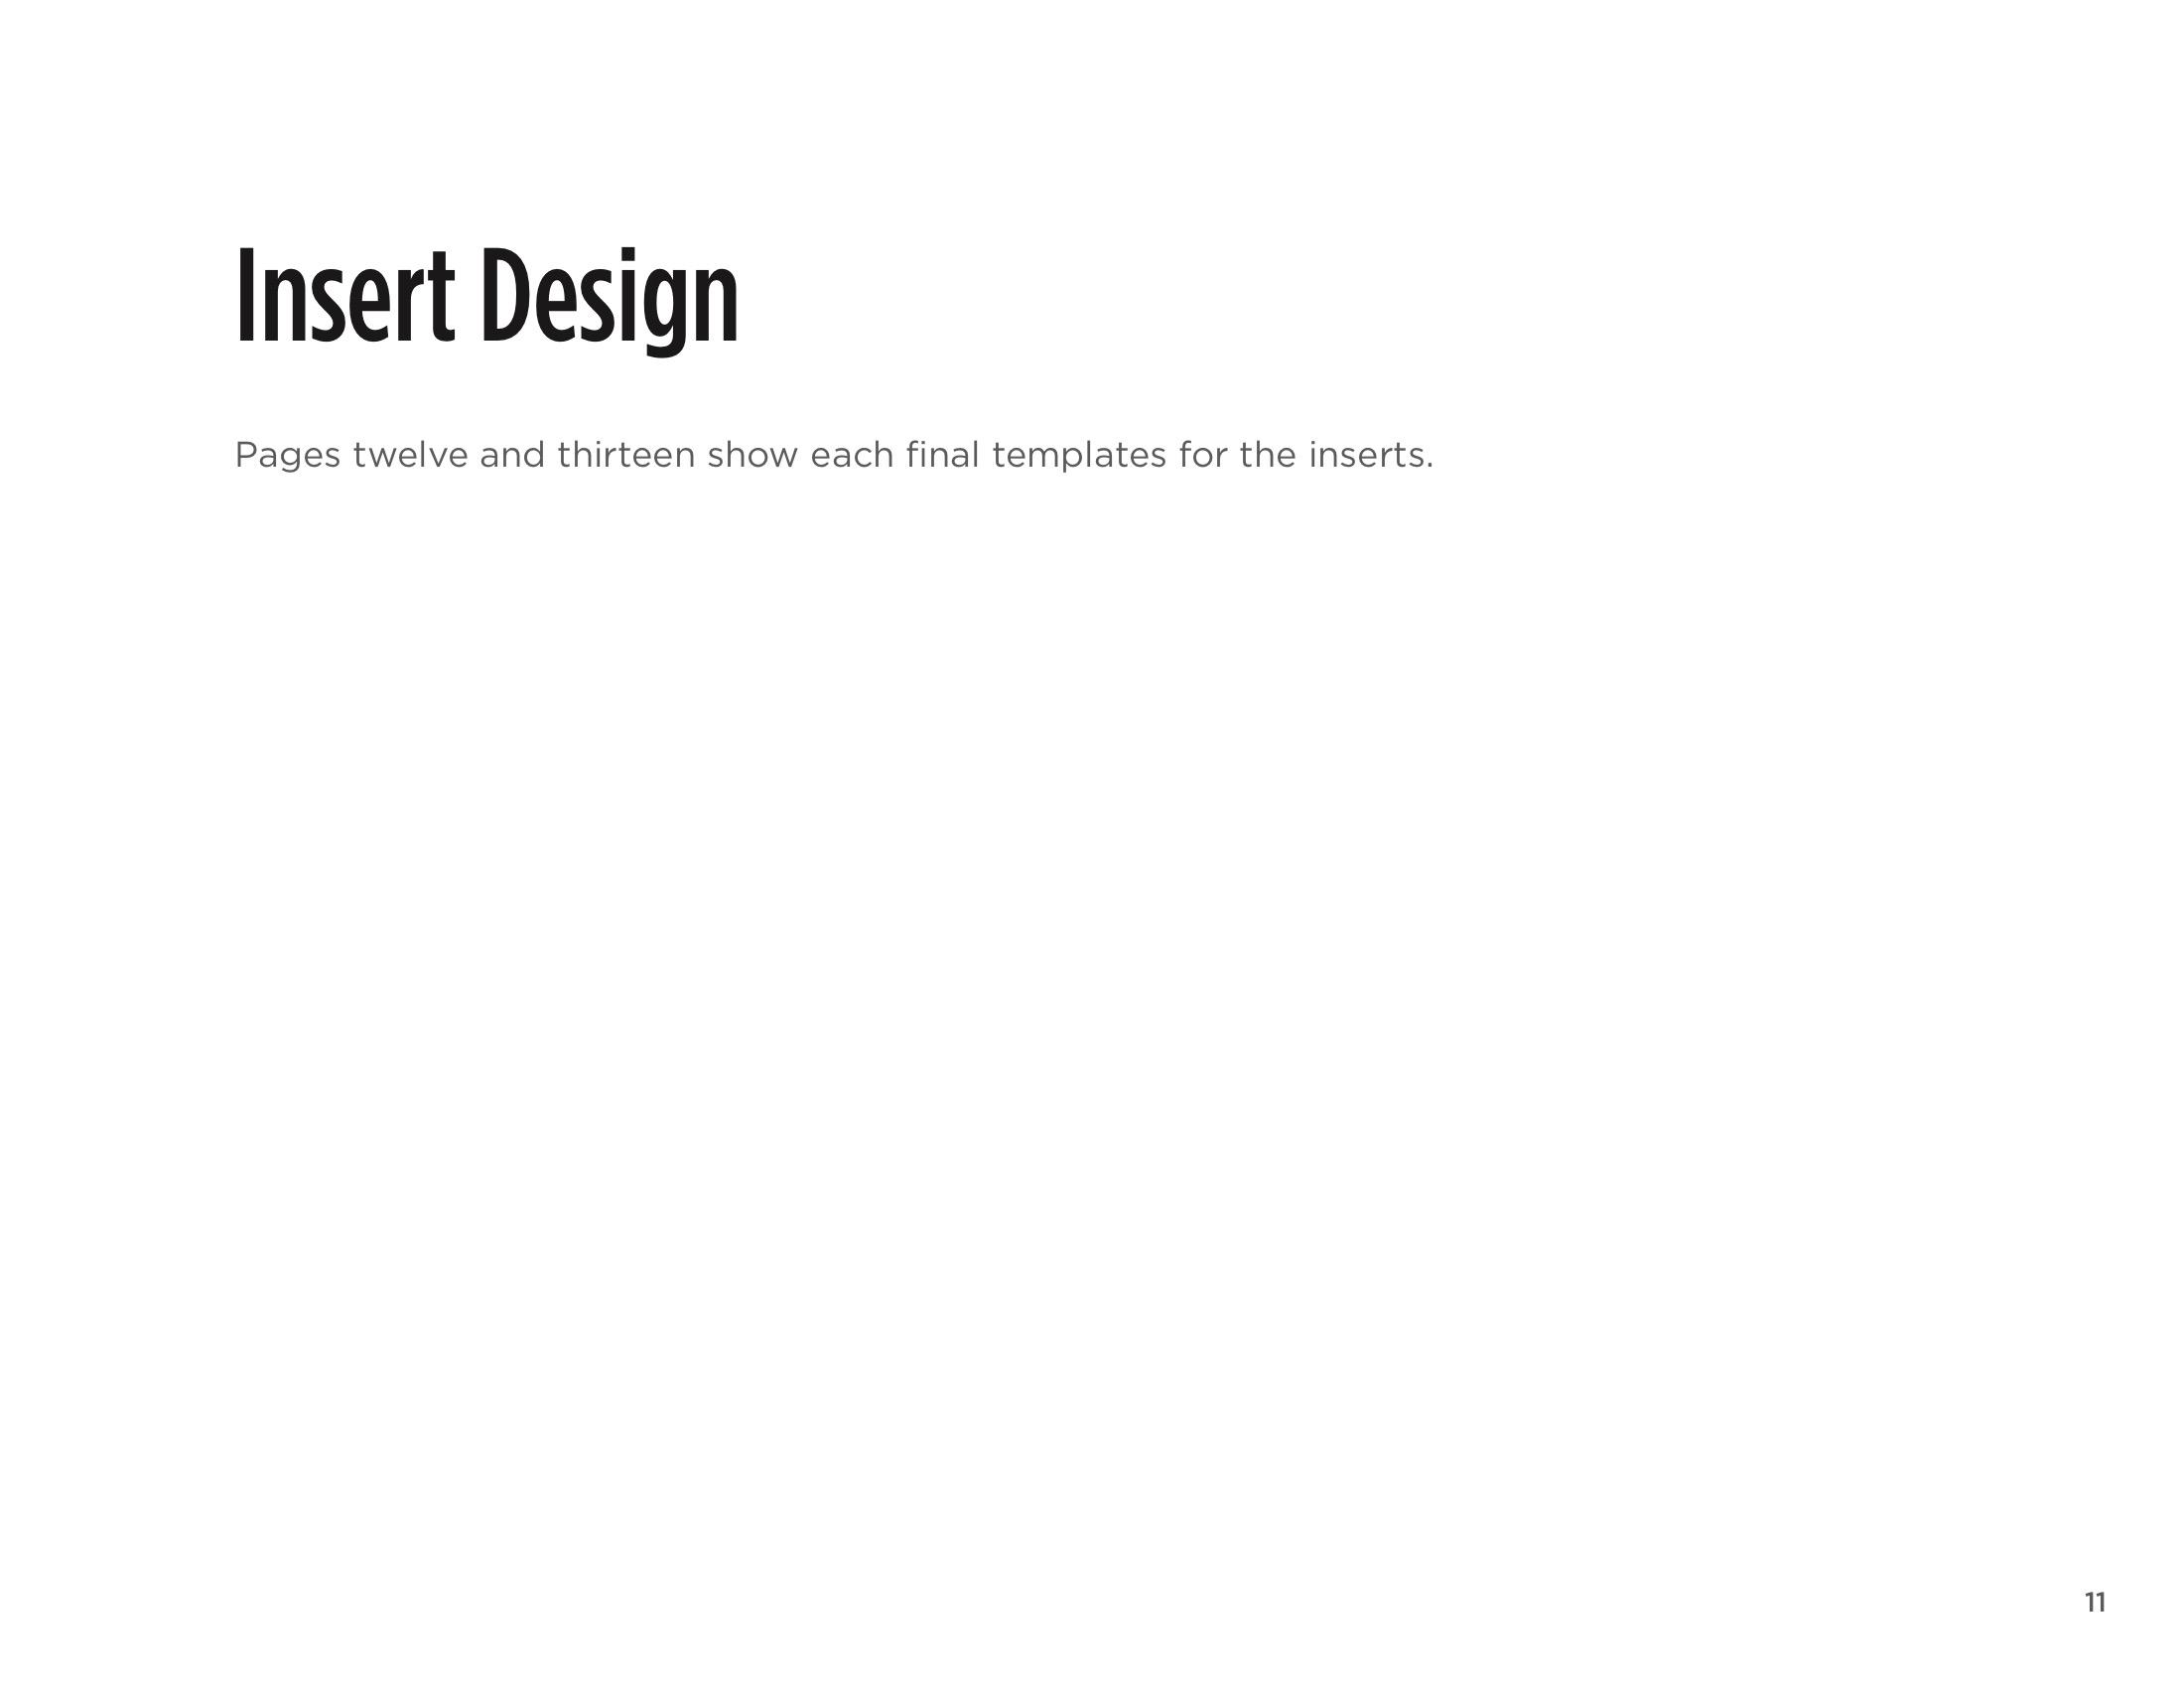 ECS_DesignDecisions 11-11.jpeg